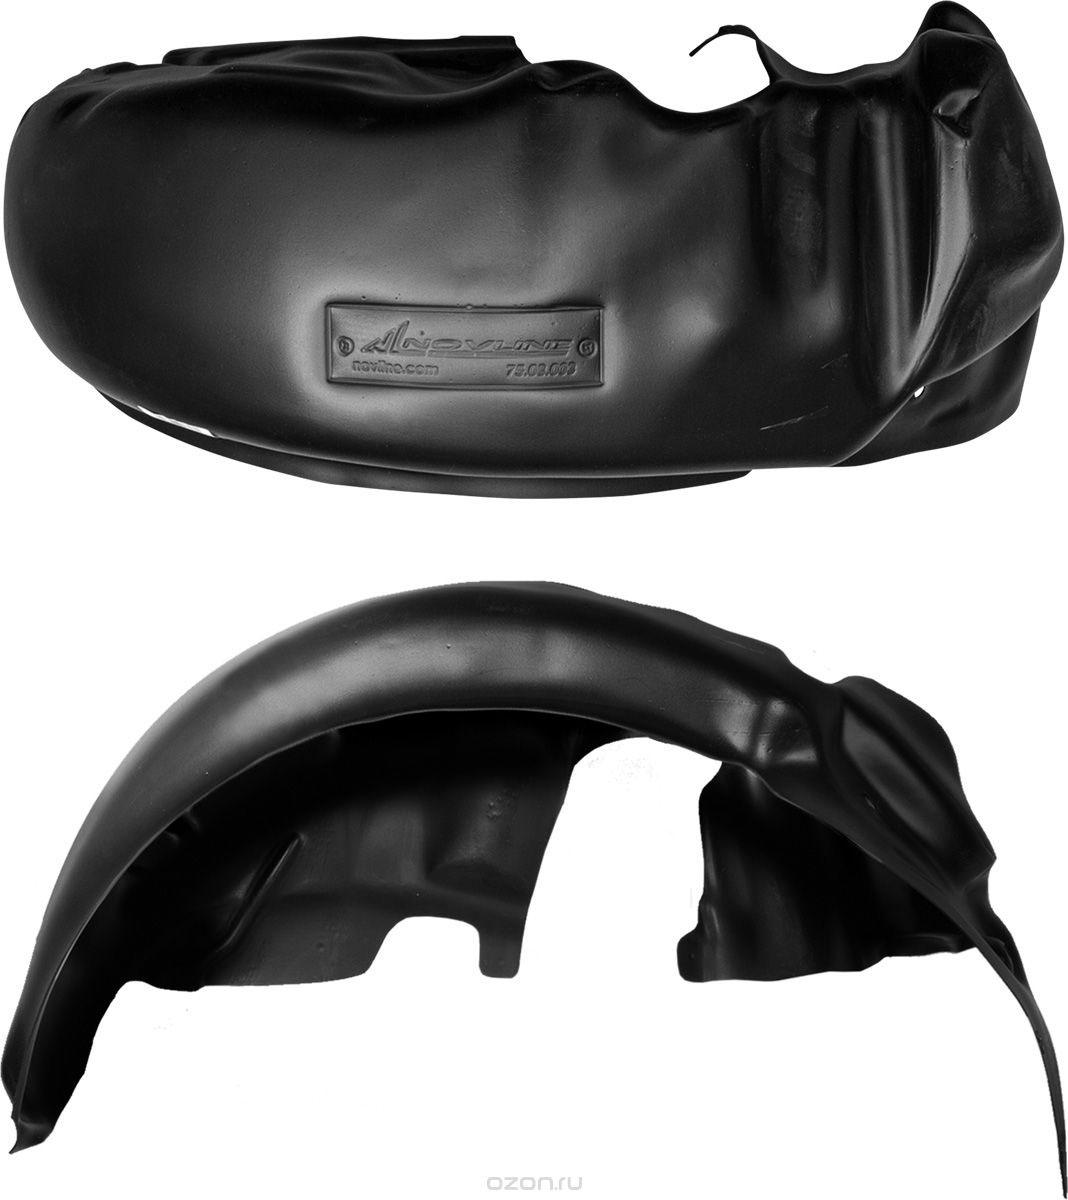 Подкрылок Novline-Autofamily, для PEUGEOT Boxer 2006-> с расширителями арок, передний левый000414Идеальная защита колесной ниши. Локеры разработаны с применением цифровых технологий, гарантируют максимальную повторяемость поверхности арки. Изделия устанавливаются без нарушения лакокрасочного покрытия автомобиля, каждый подкрылок комплектуется крепежом. Уважаемые клиенты, обращаем ваше внимание, что фотографии на подкрылки универсальные и не отражают реальную форму изделия. При этом само изделие идет точно под размер указанного автомобиля.